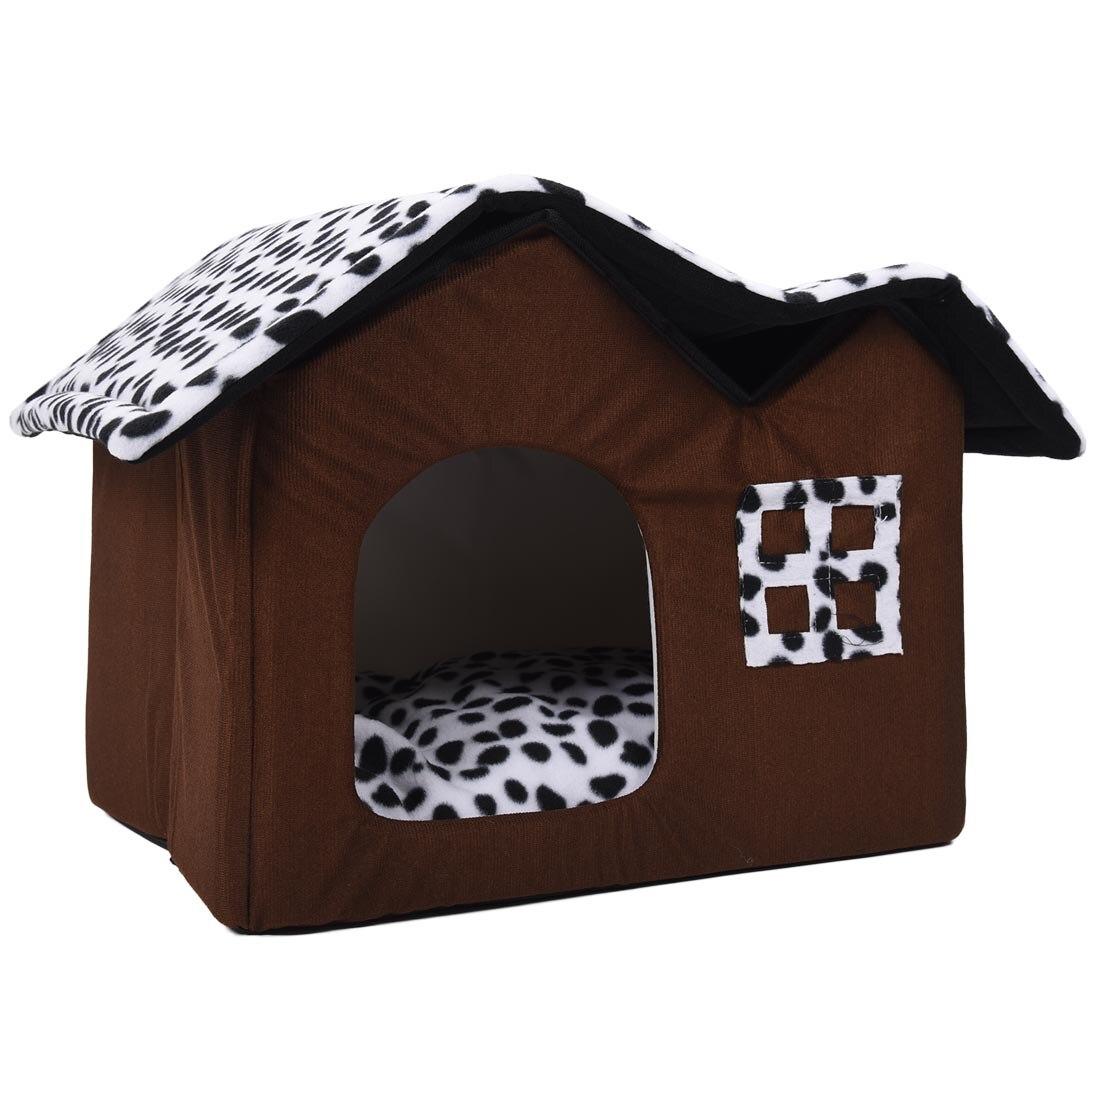 Hot Removível Sala de Camas Do Cão Dupla Pet House Cão Marrom Gato Almofada Cão Camas de Luxo Para Animais de Estimação Produtos 55x40x42 cm